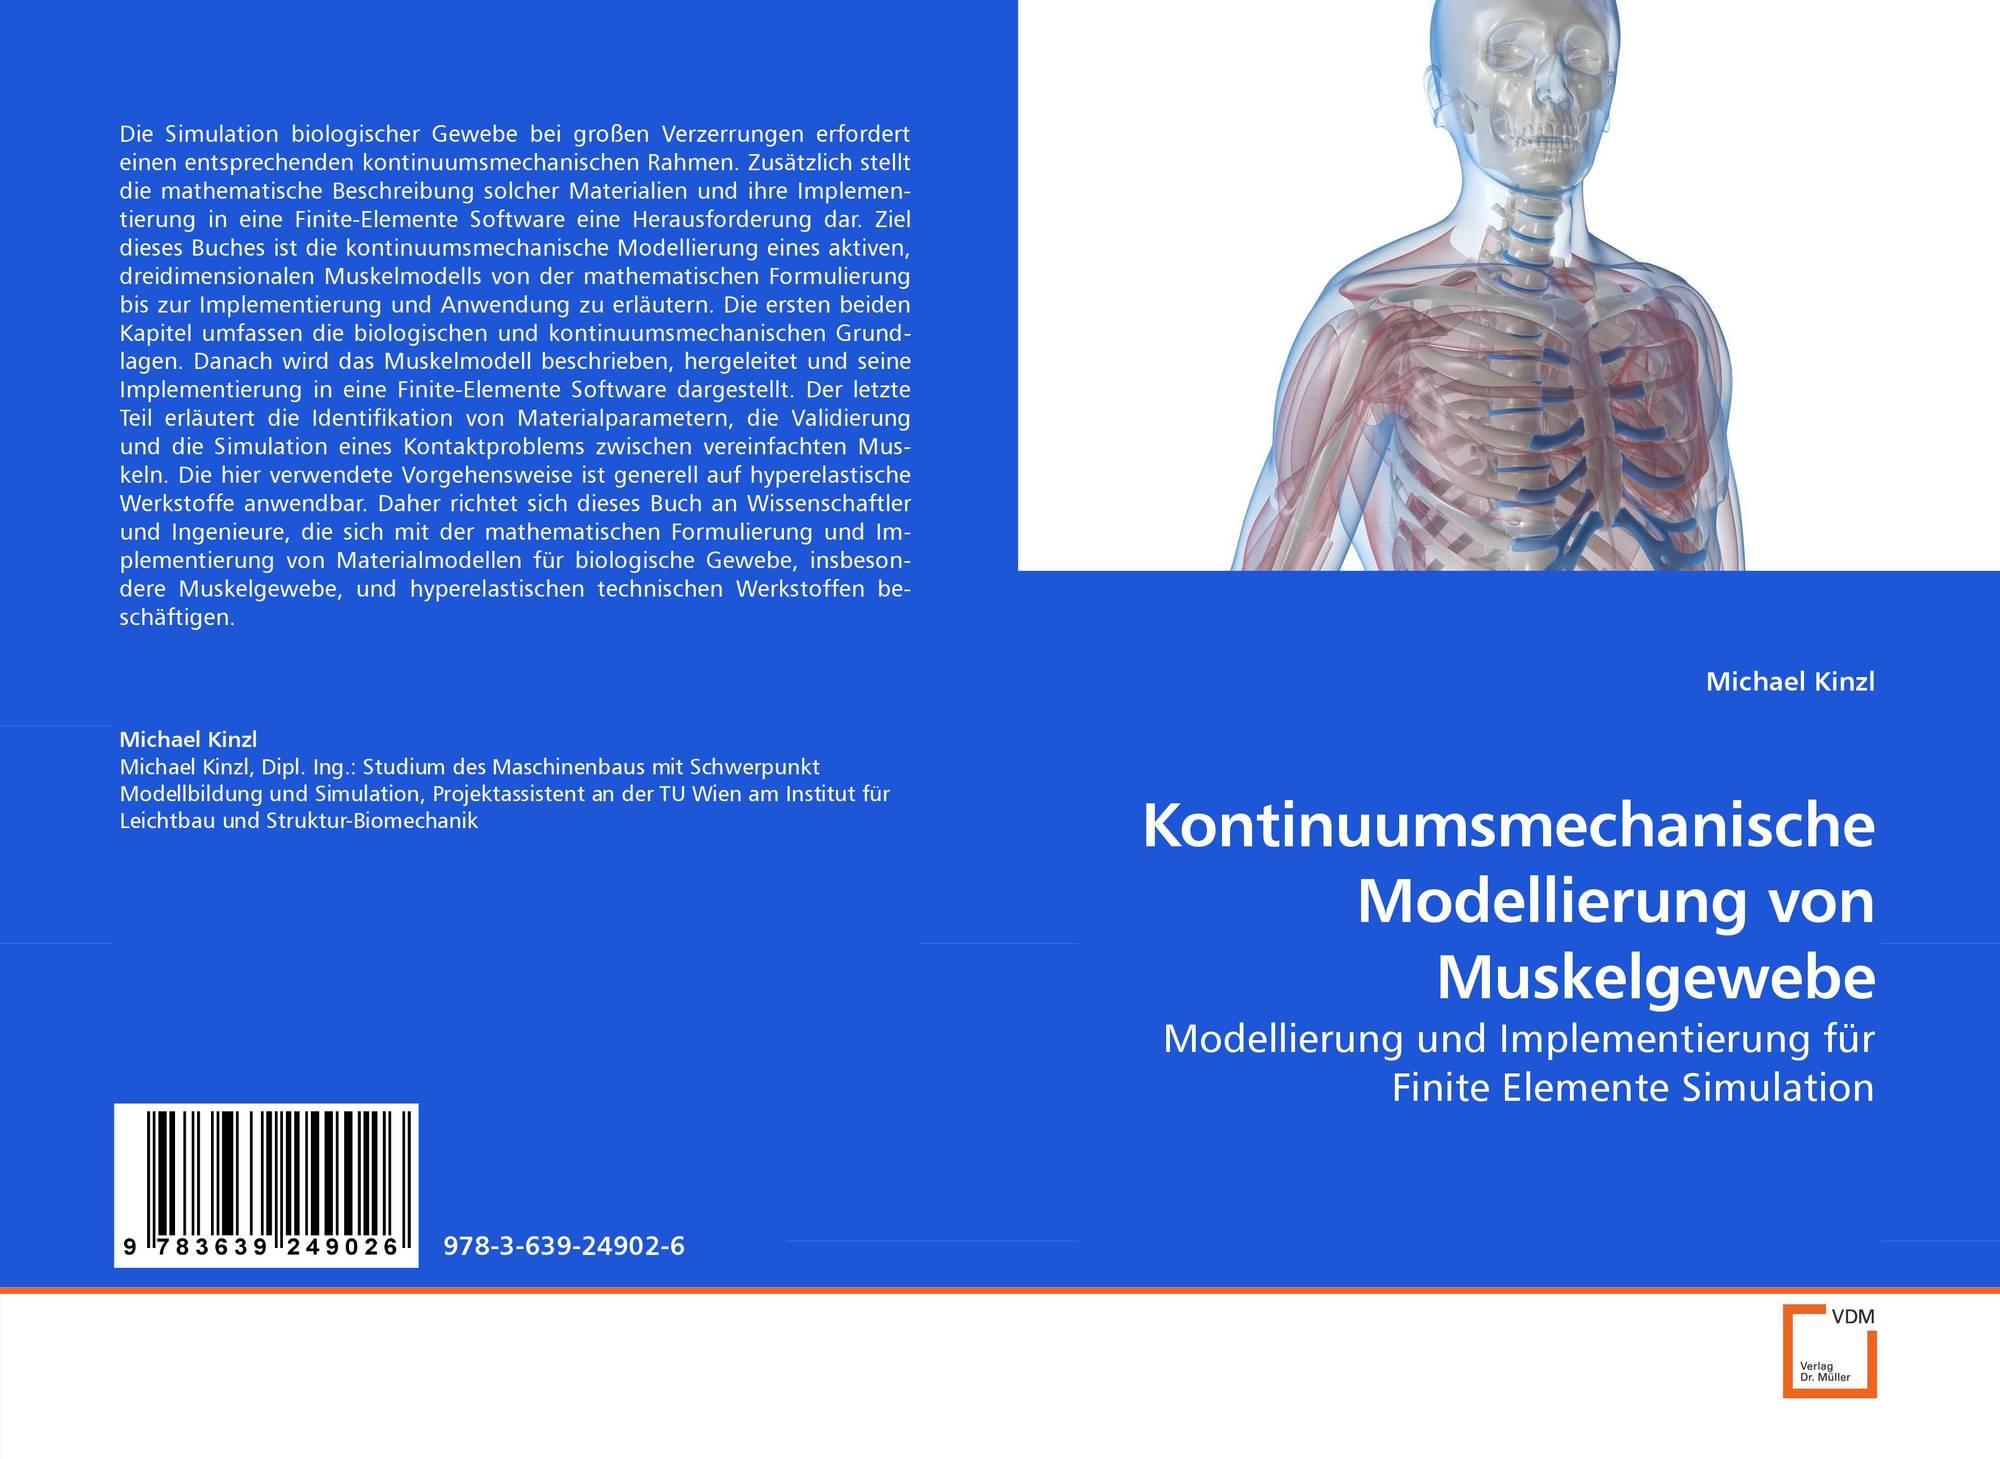 Kontinuumsmechanische Modellierung von Muskelgewebe, 978-3-639-24902 ...